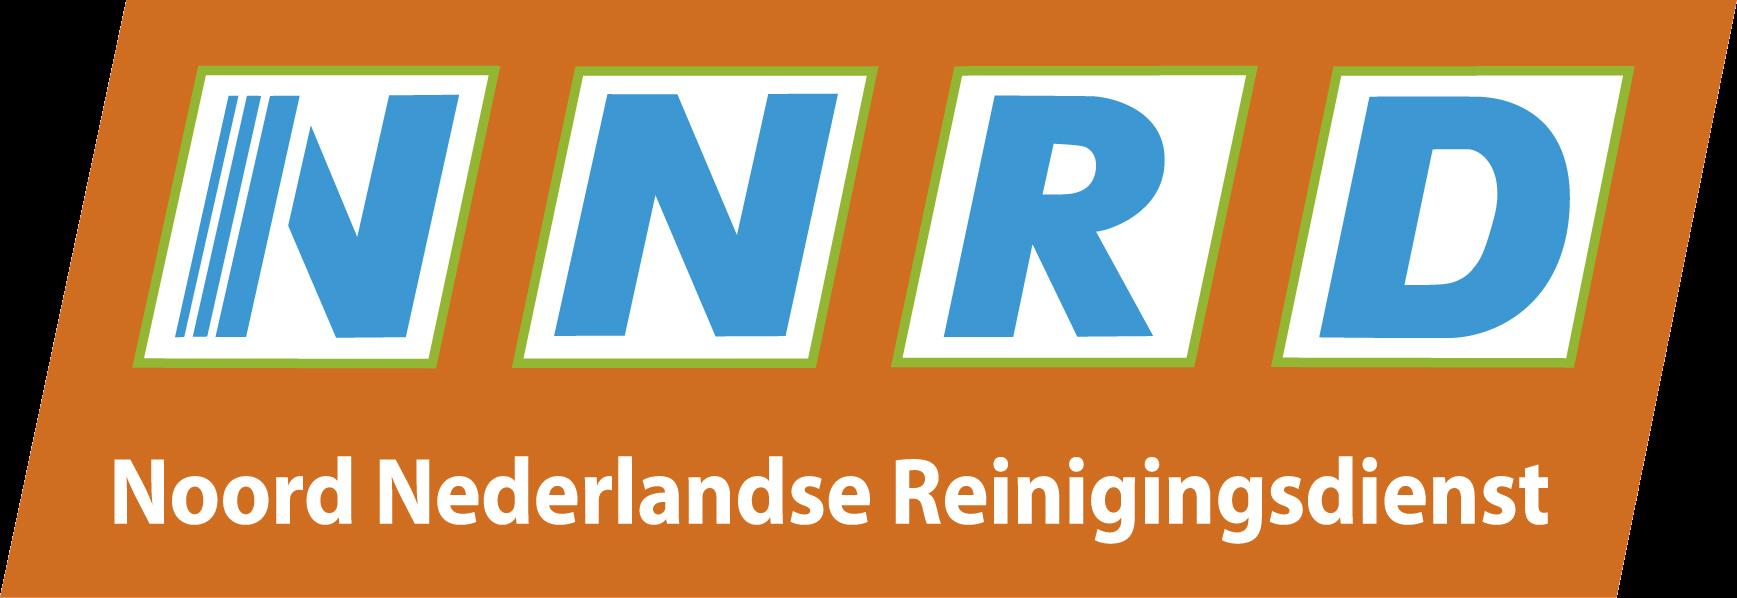 NNRD logo